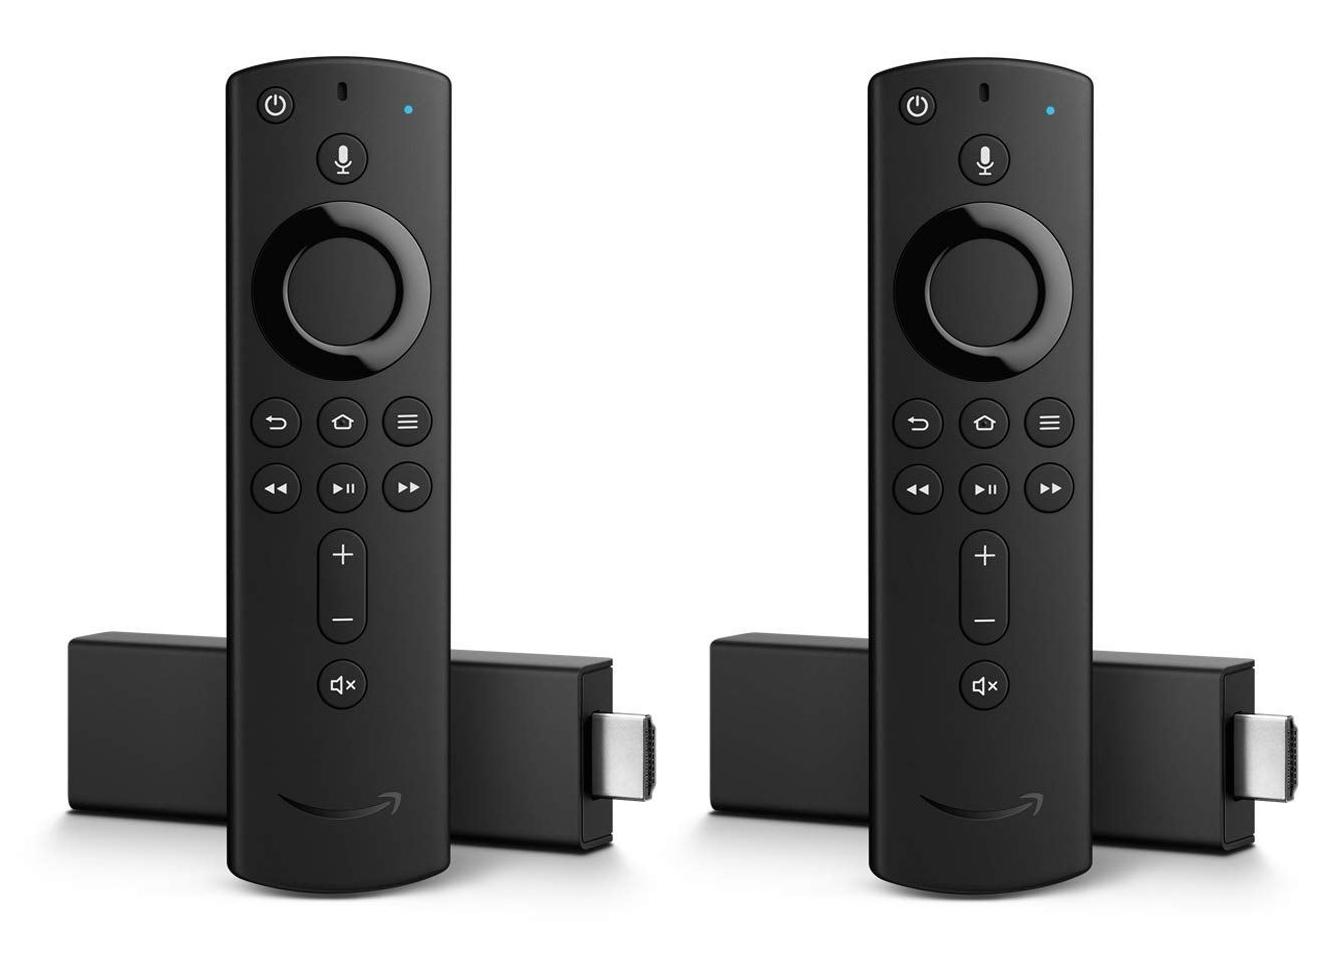 2 Open Stream programmed 4K Amazon Fire TV's